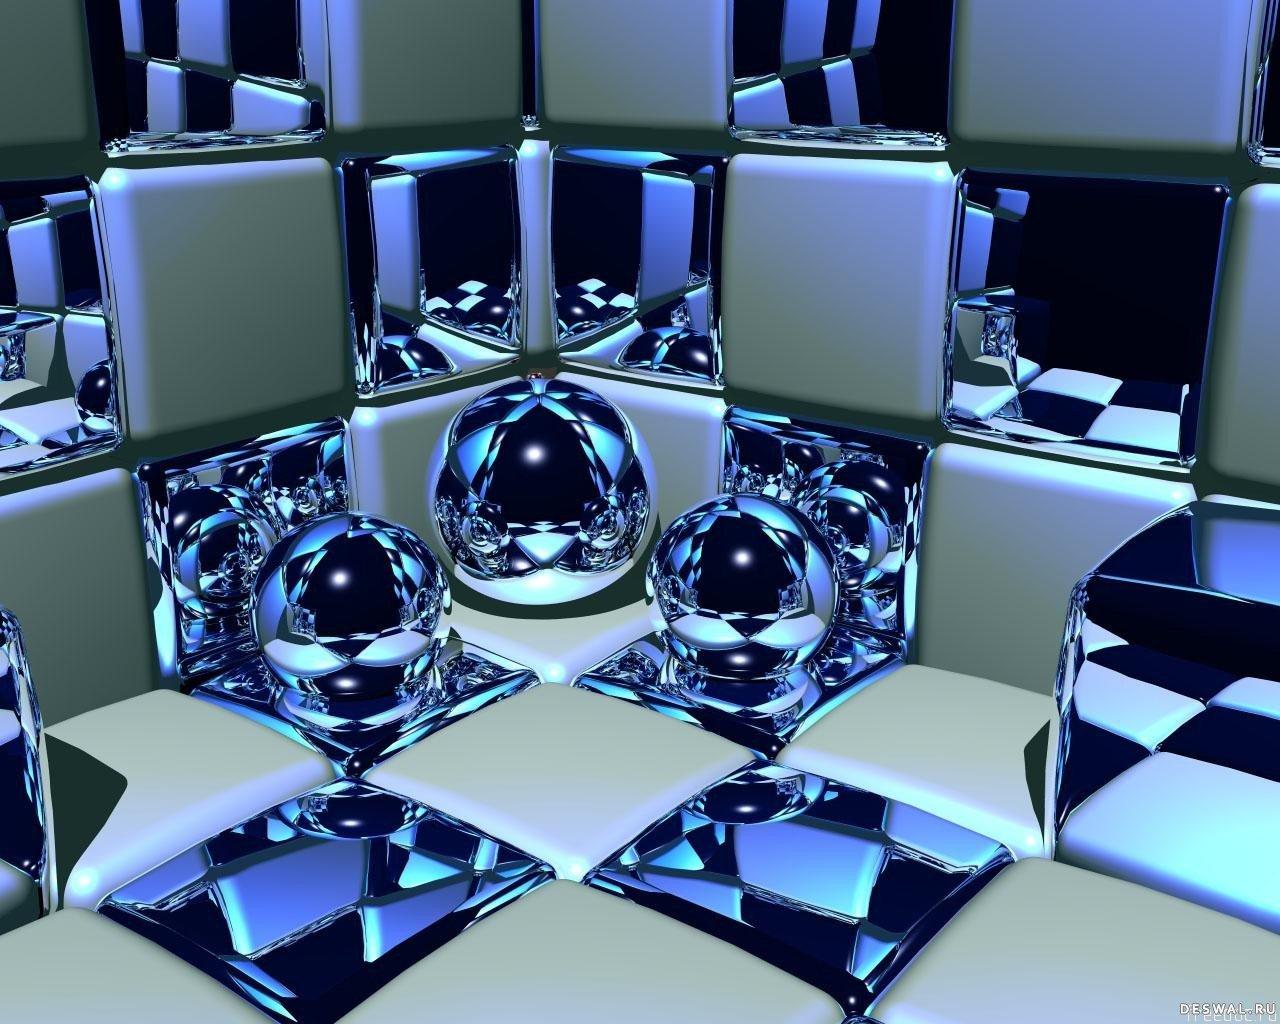 Фото 14.. Нажмите на картинку с 3D обоями, чтобы просмотреть ее в реальном размере